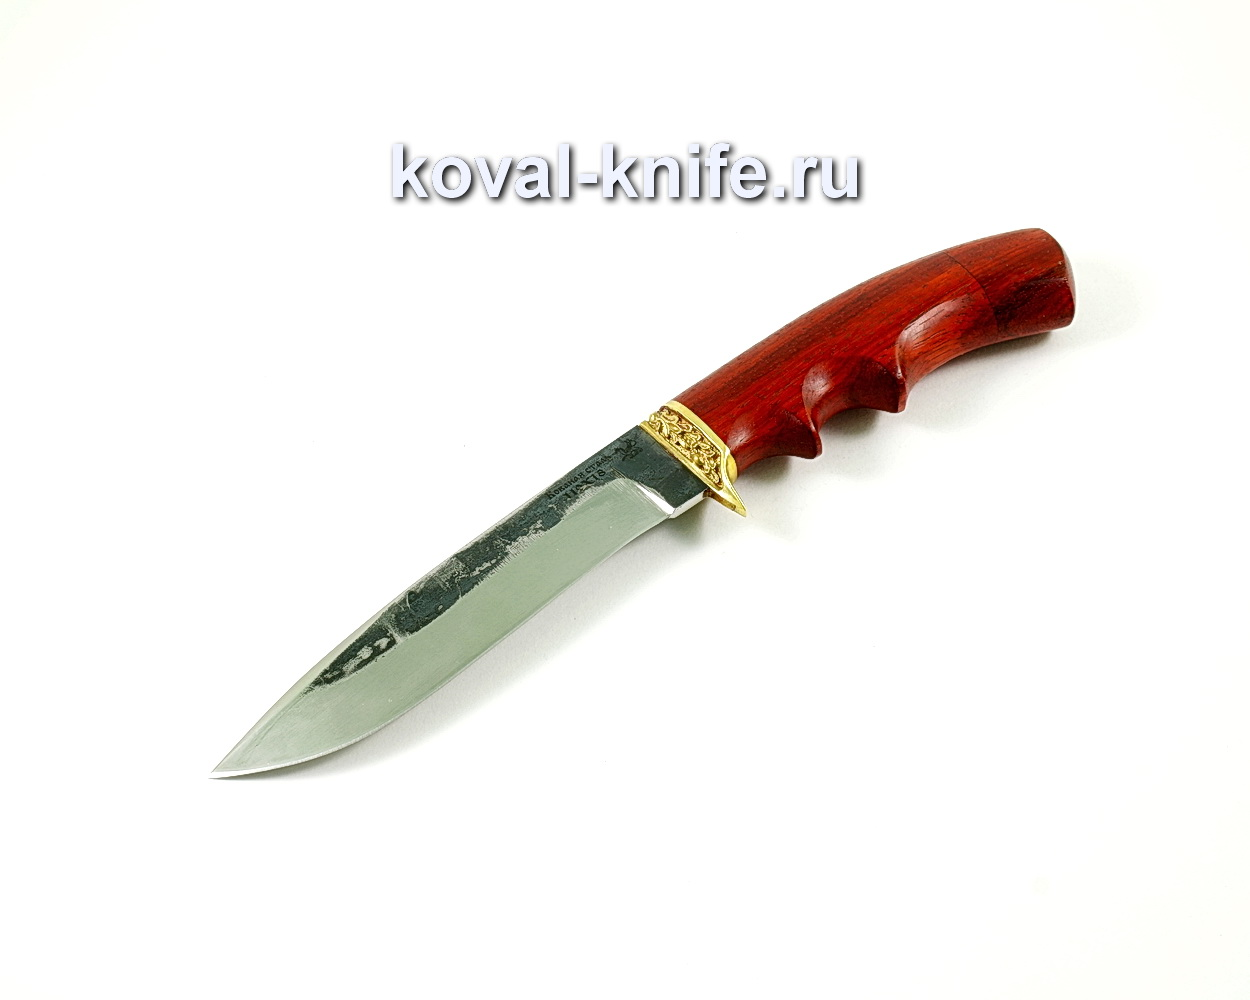 Нож олимп (сталь 110х18), рукоять падук, литье